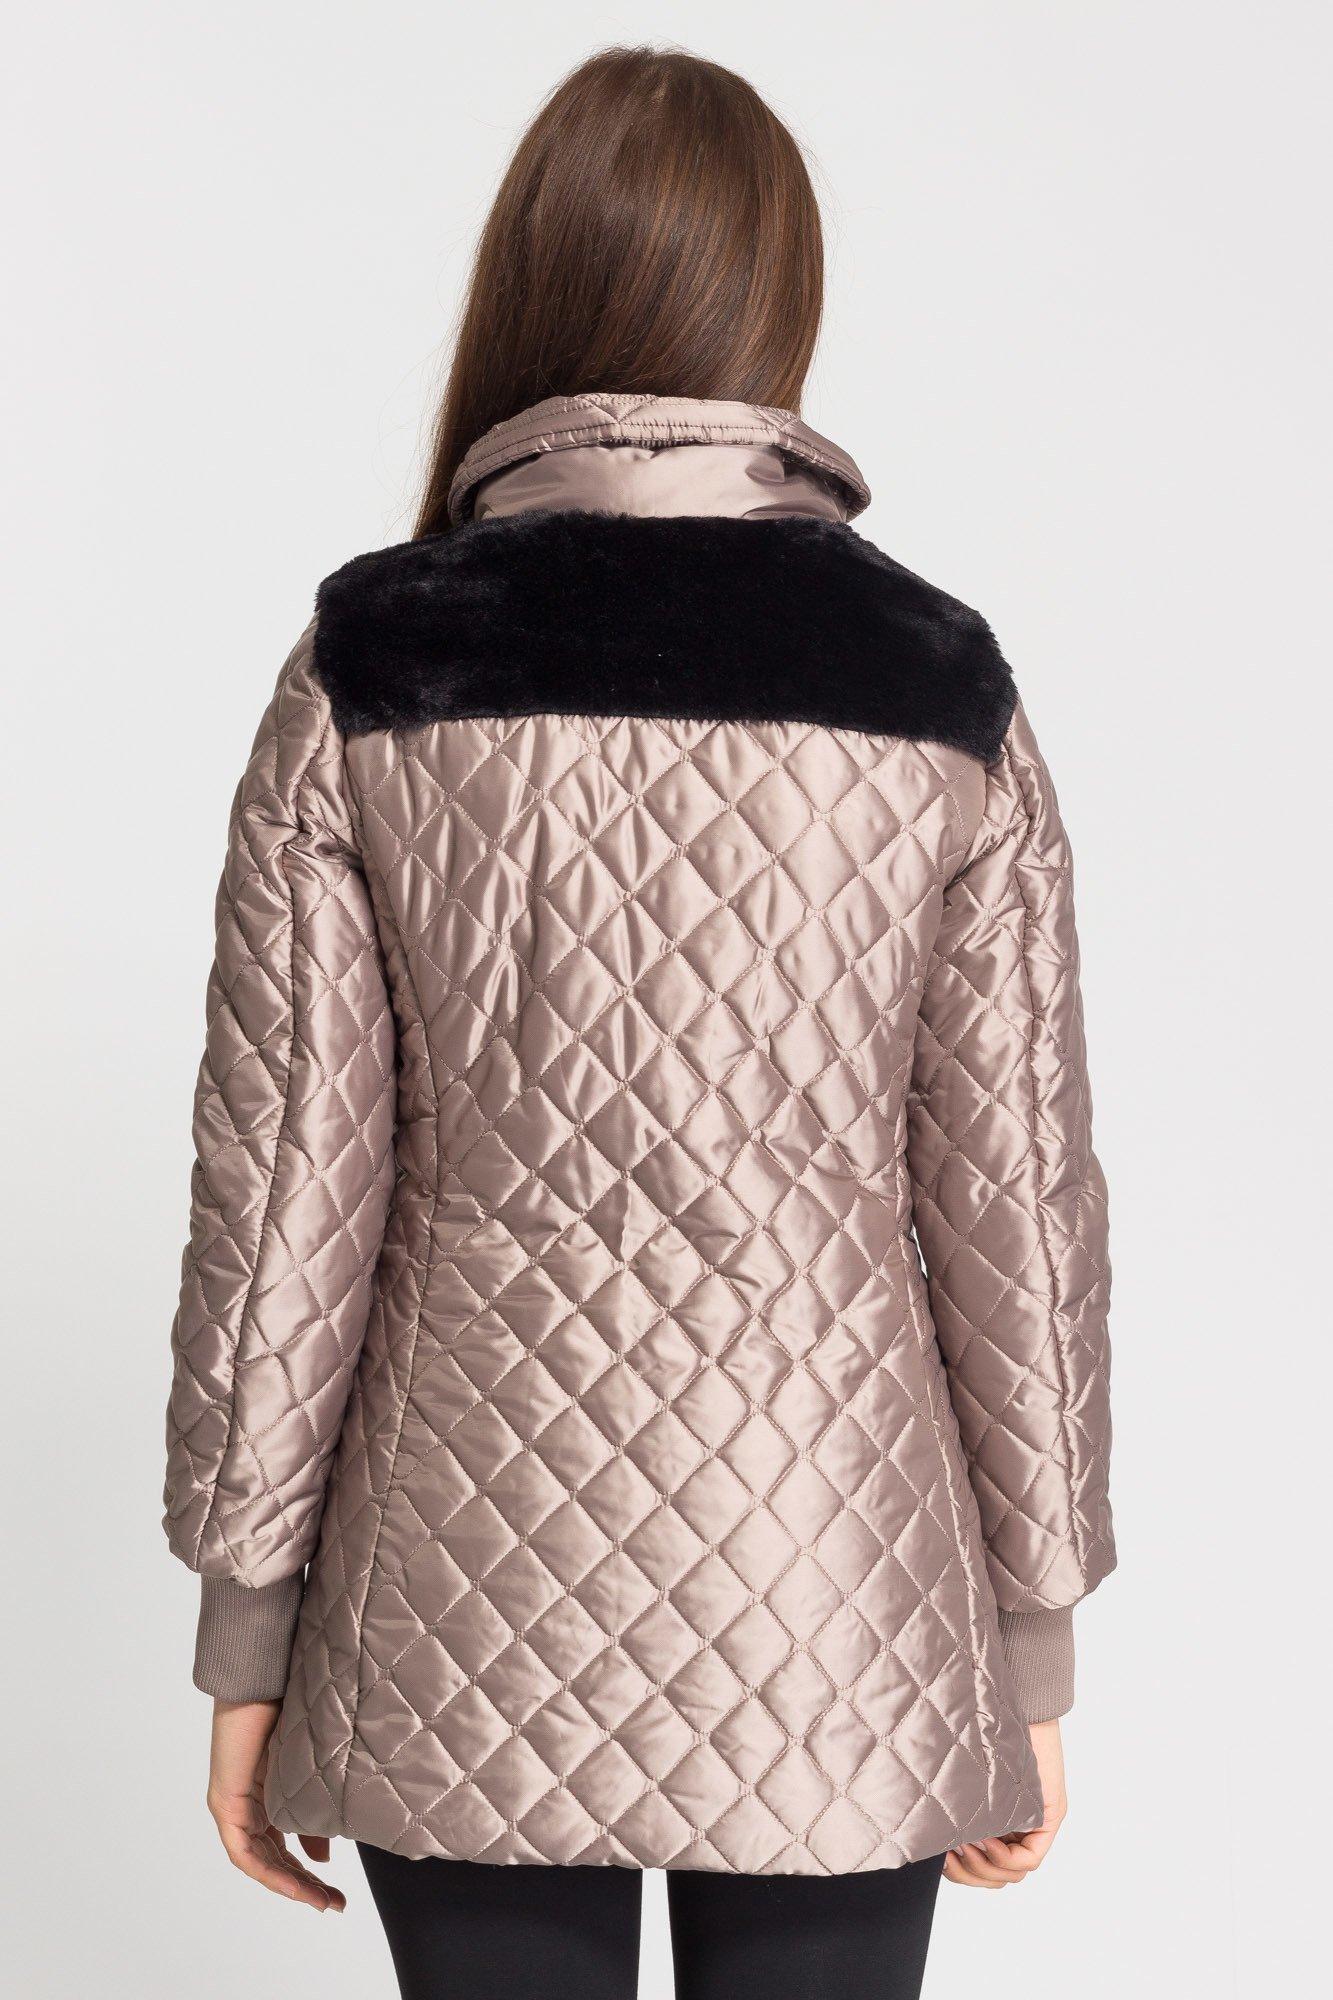 ebd016a2bccc6 ... Beżowa pikowana kurtka damska z czarnym futerkiem ...